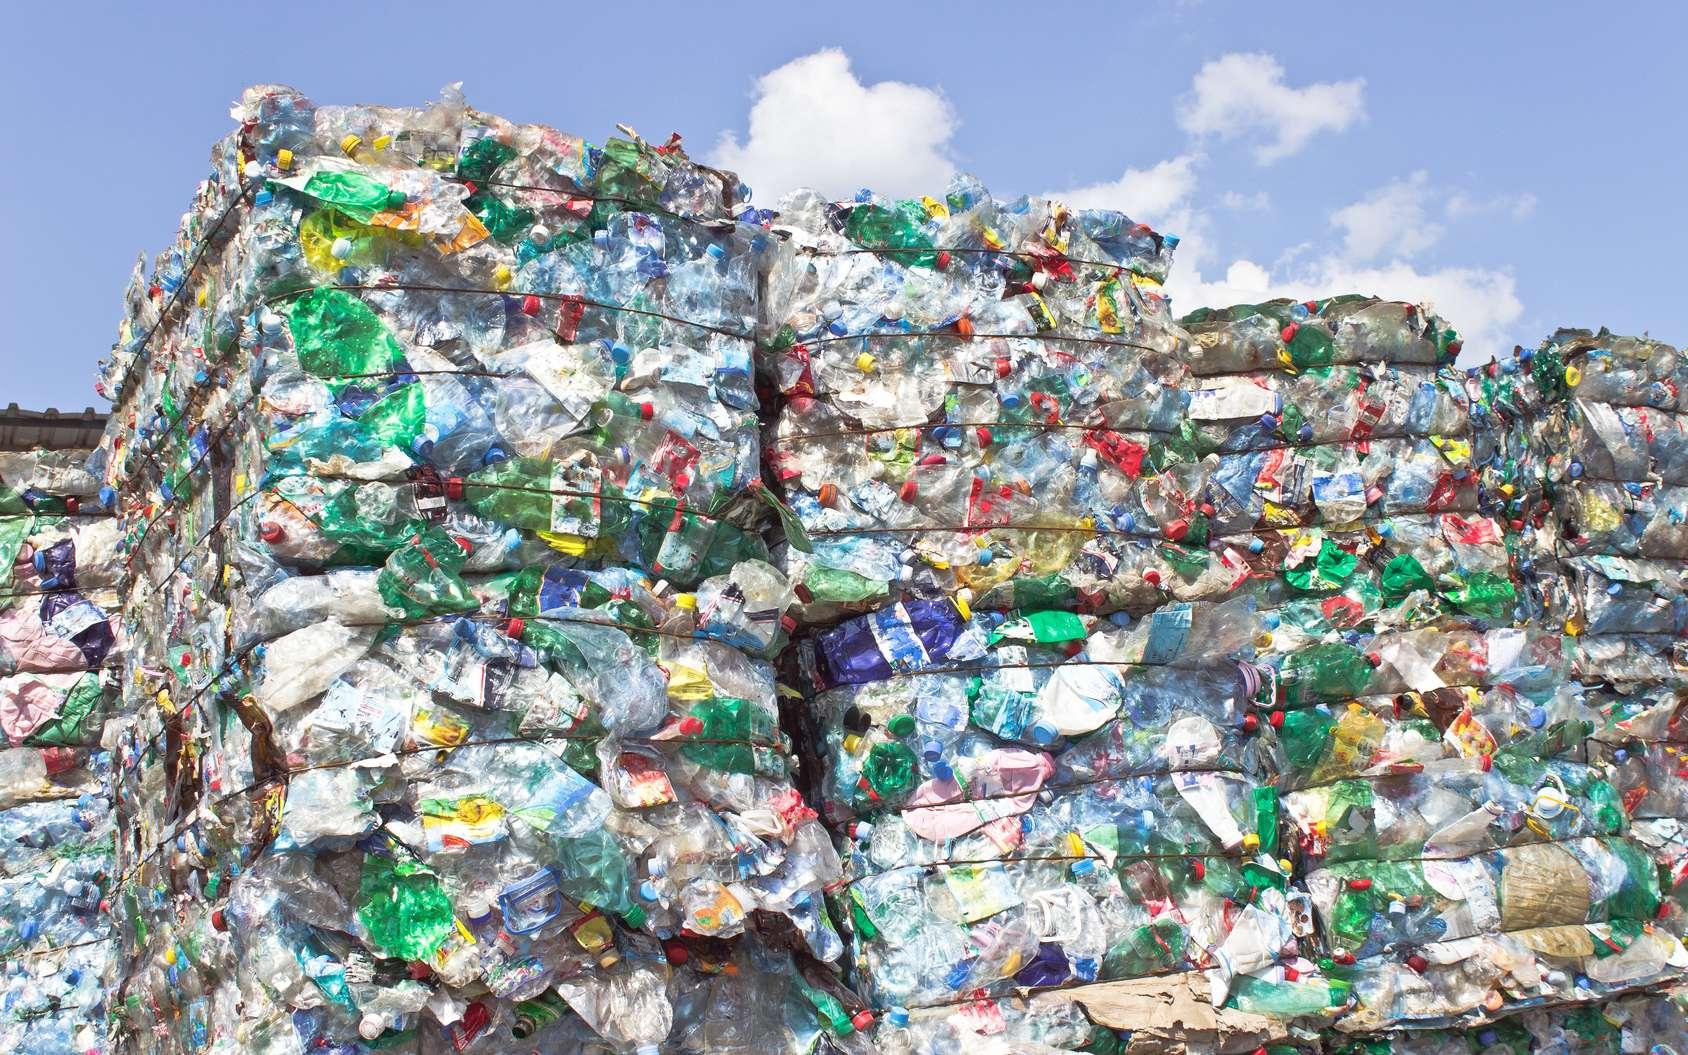 Le recyclage des déchets fait partie intégrante des étapes de fabrication du plastique. © gavran333, Fotolia